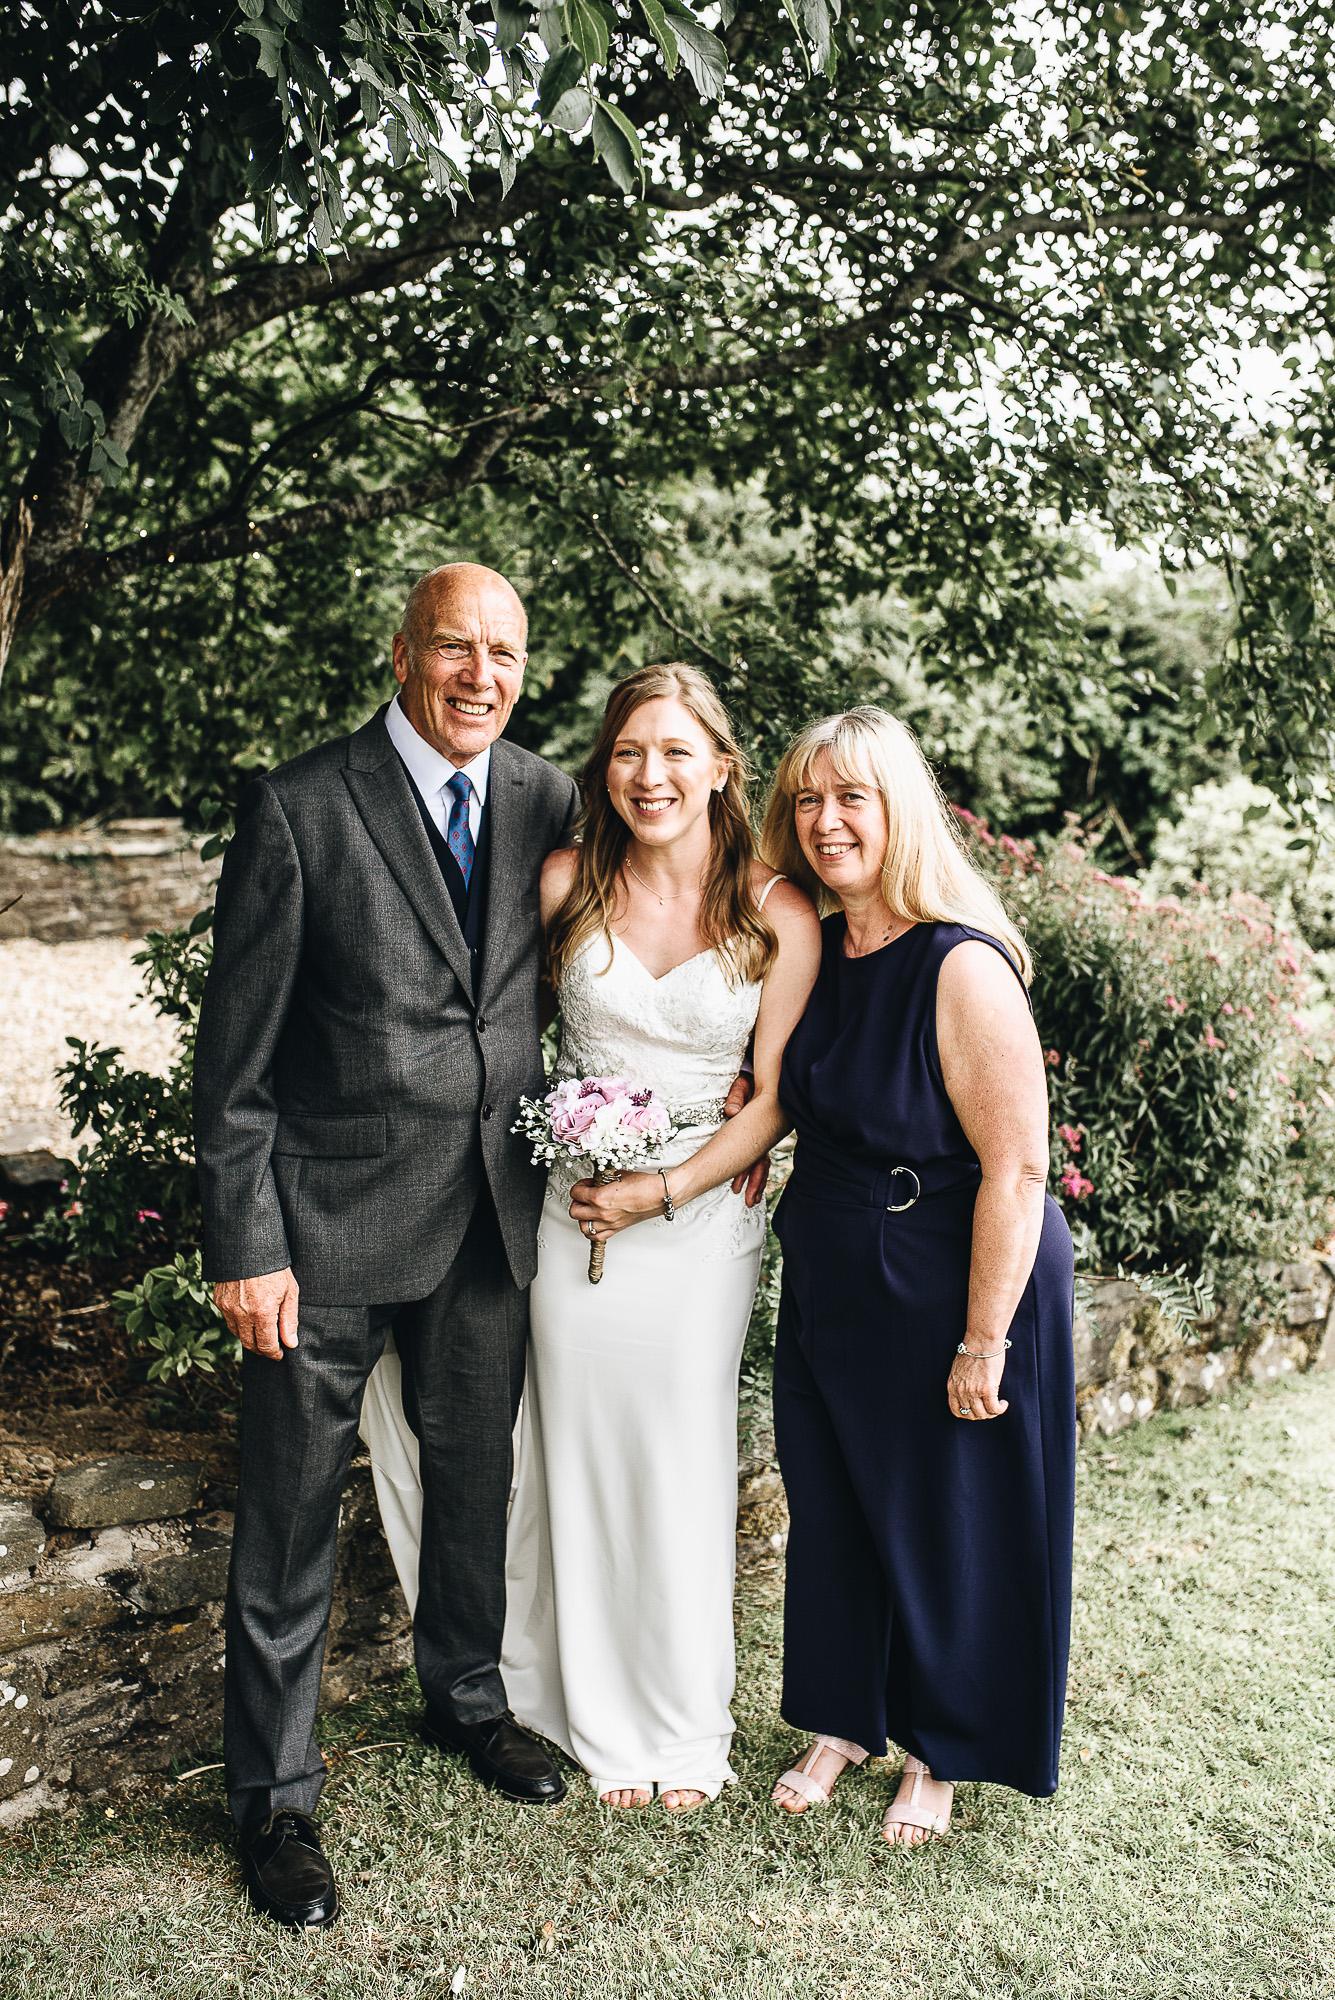 OurBeautifulAdventure-CardiffCastleWedding-Maddie&Joe-WeddingBlog-2397.jpg